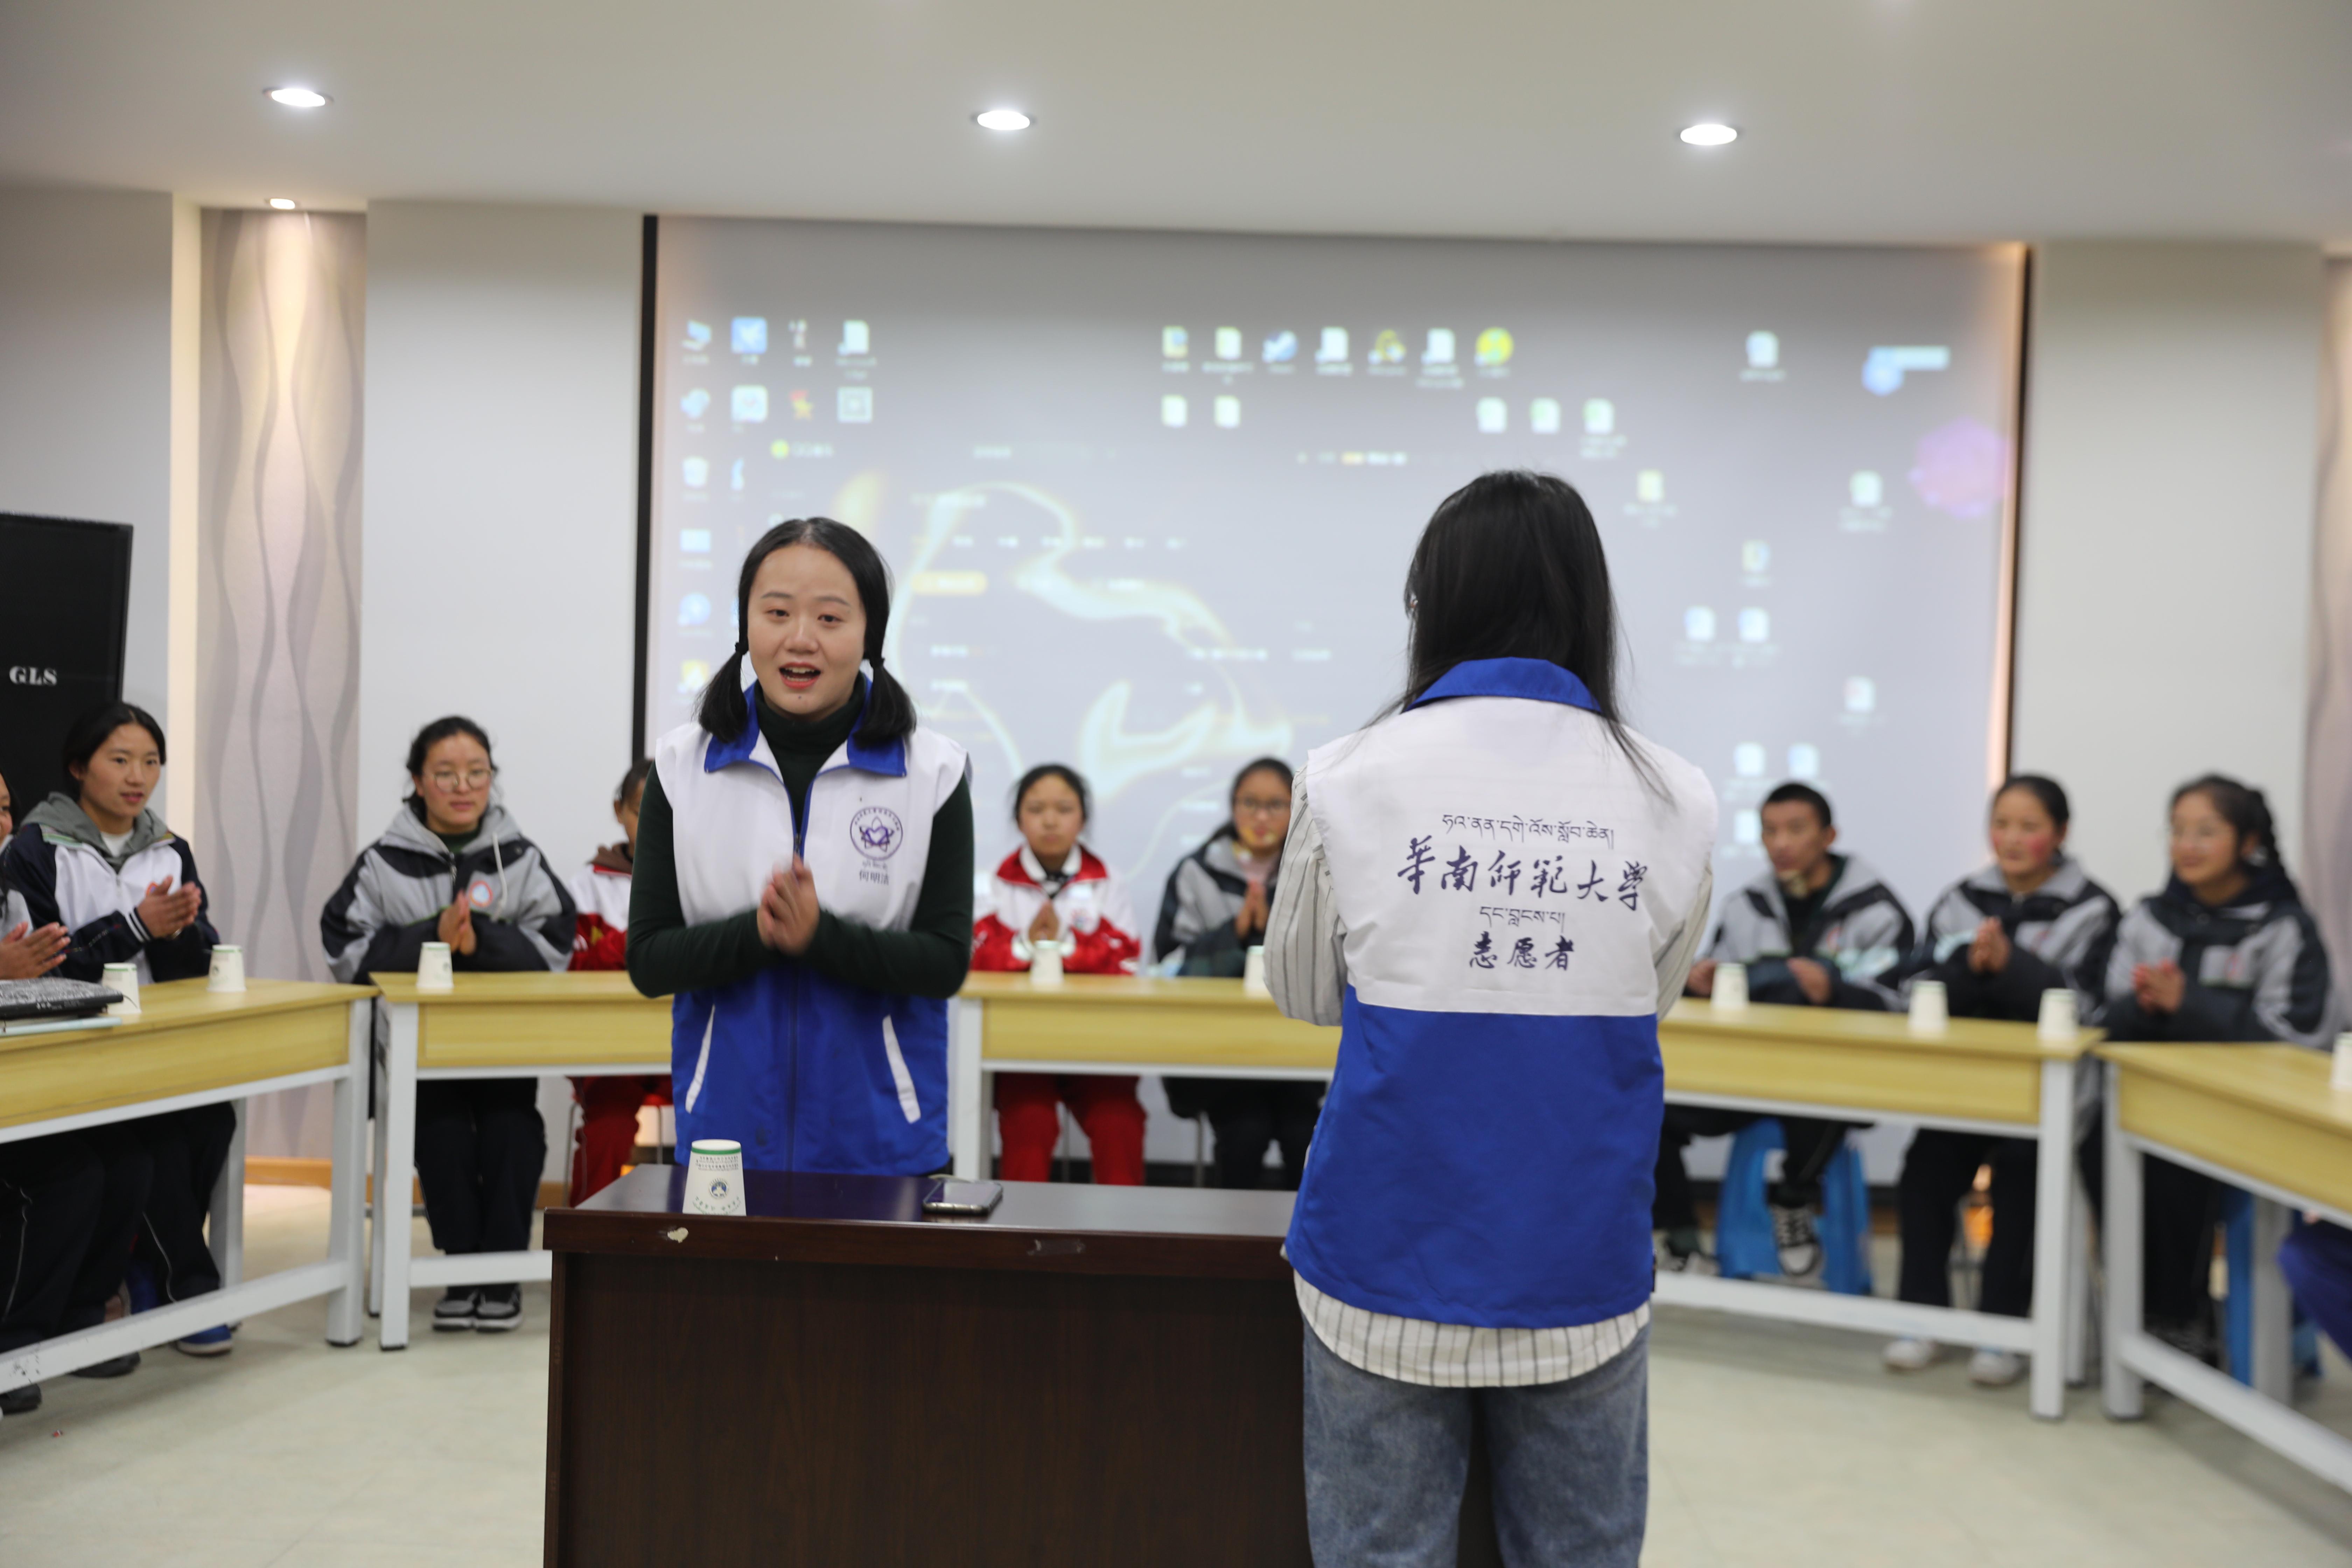 志愿者告訴同學們節奏敲打不能急于求成.JPG